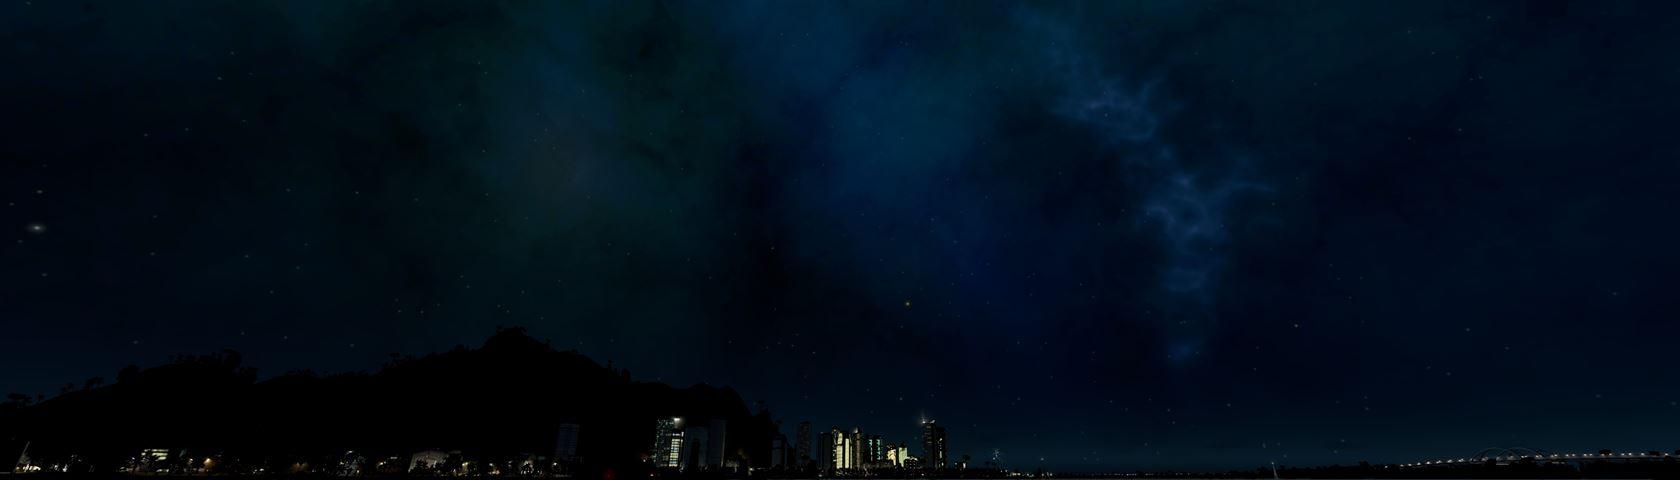 Cities Skylines Milky Way